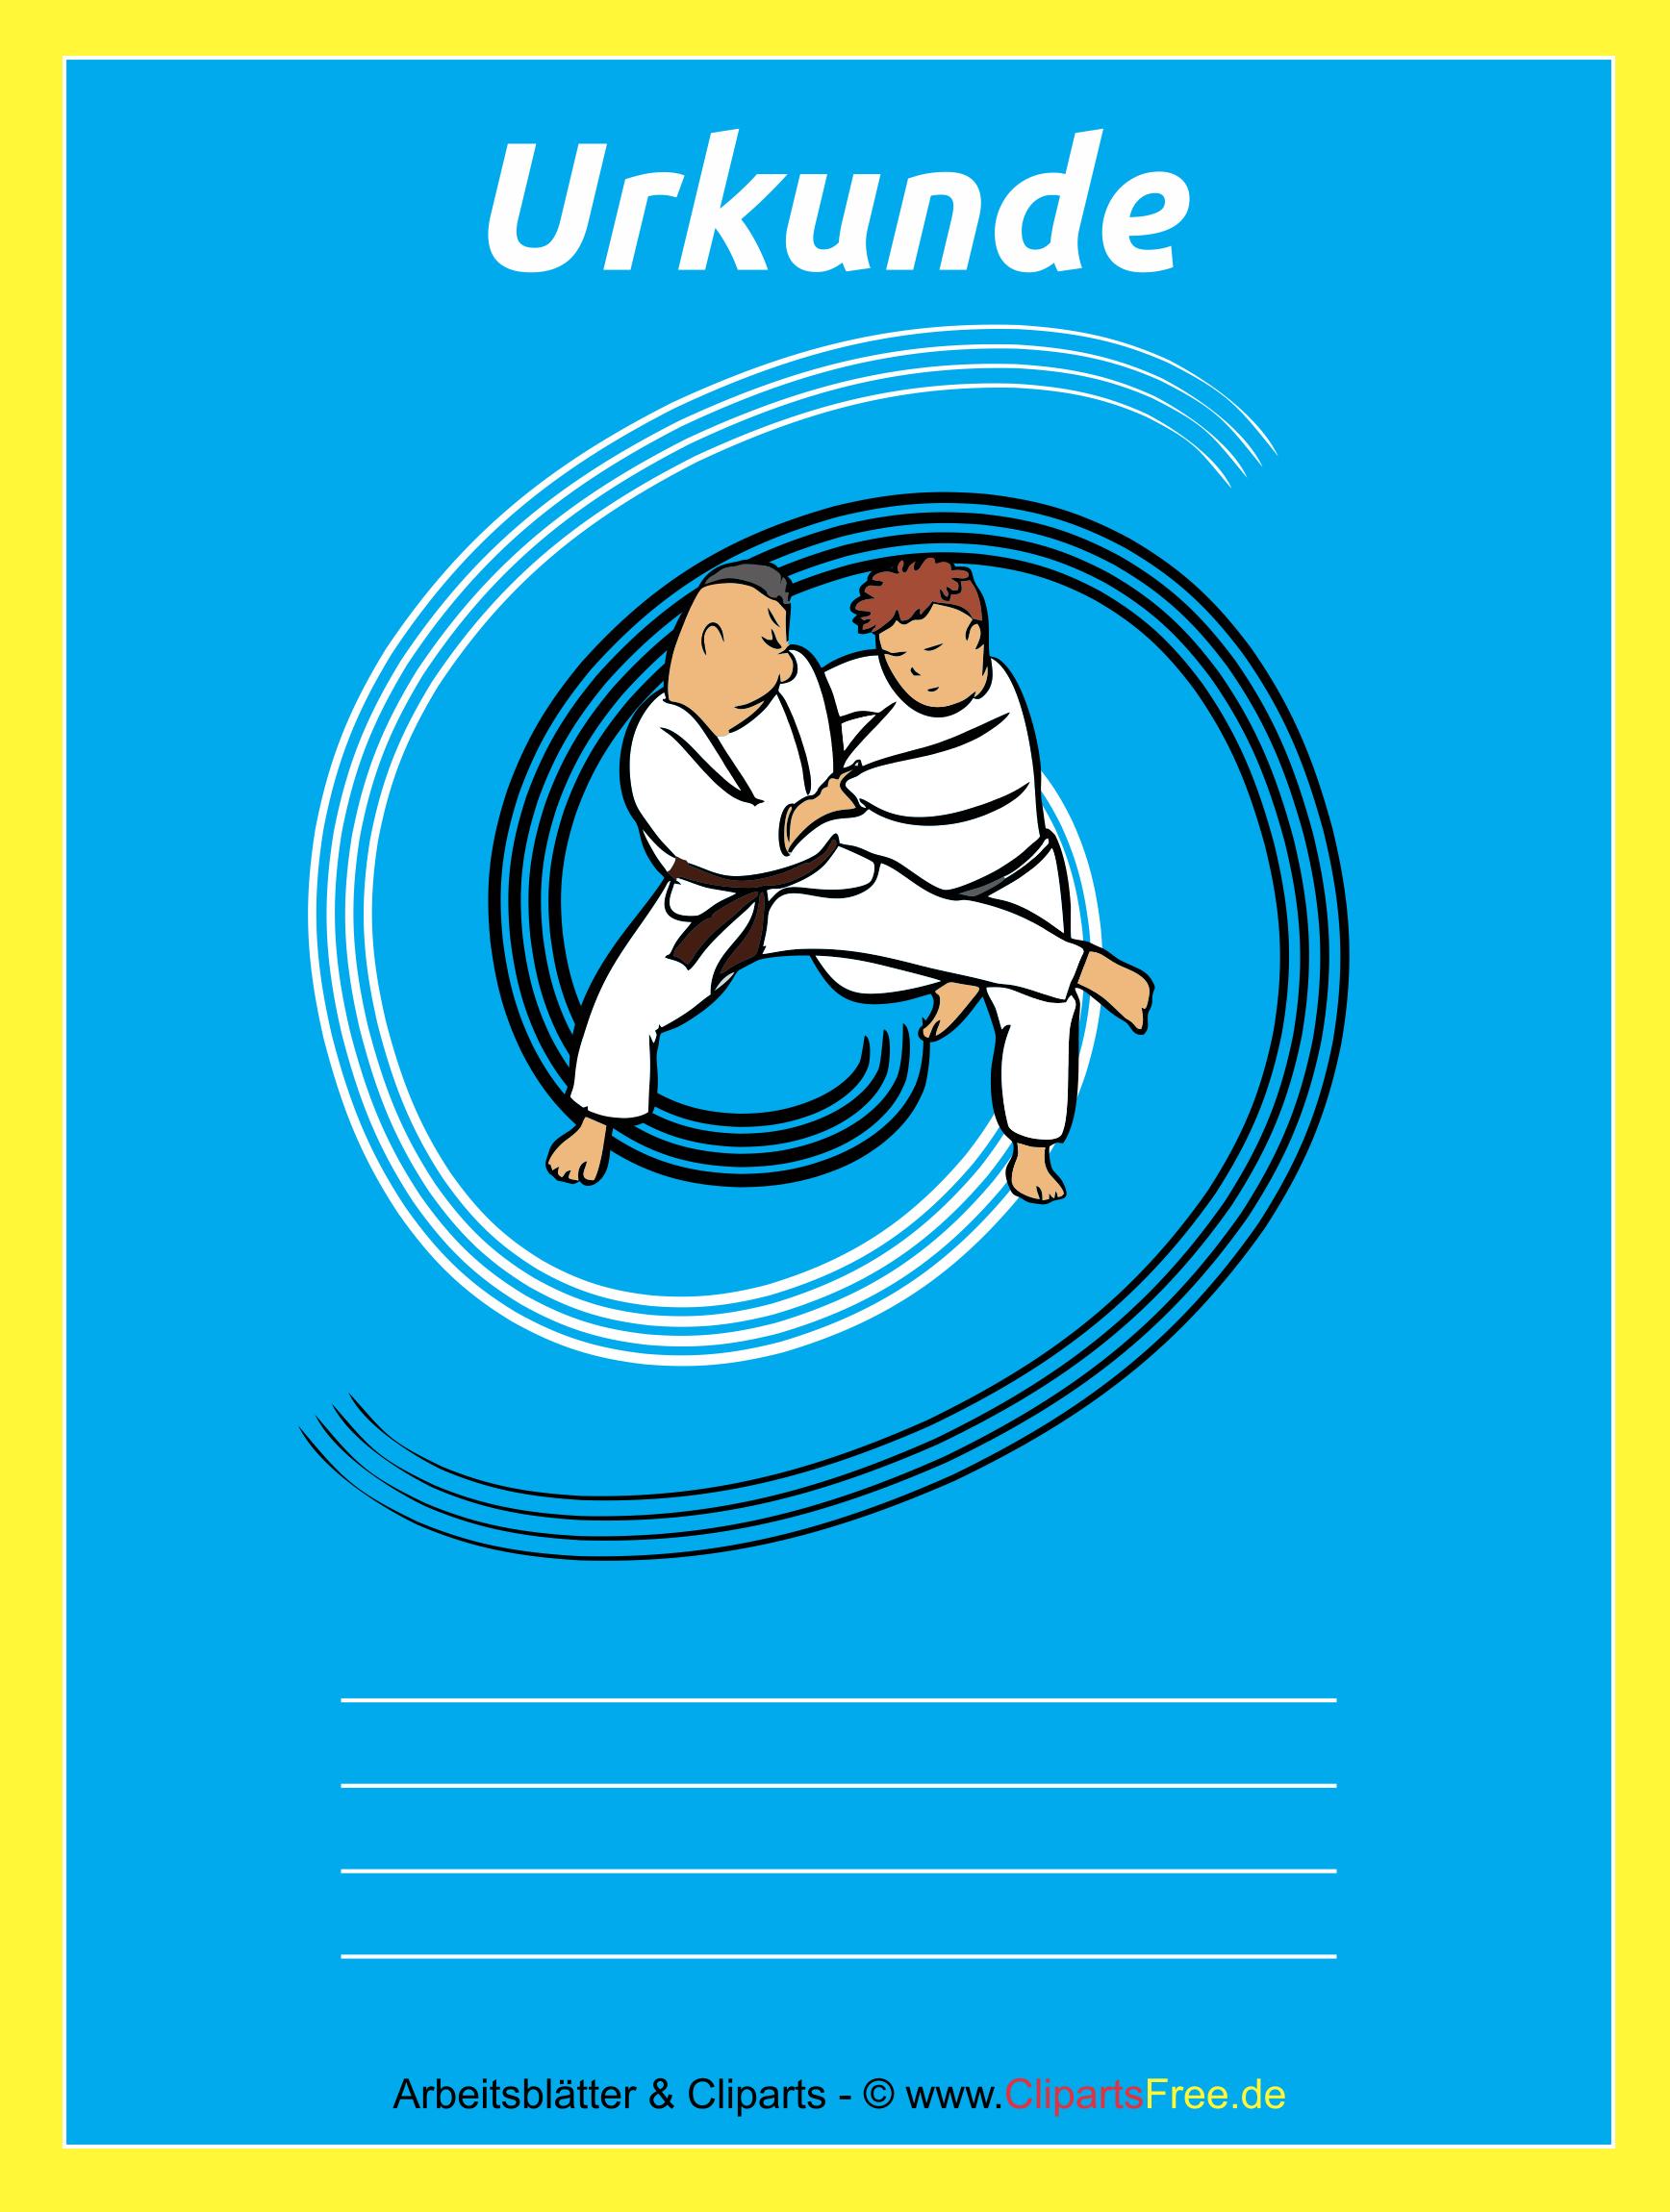 urkunde judo kostenlos zum ausdrucken. Black Bedroom Furniture Sets. Home Design Ideas